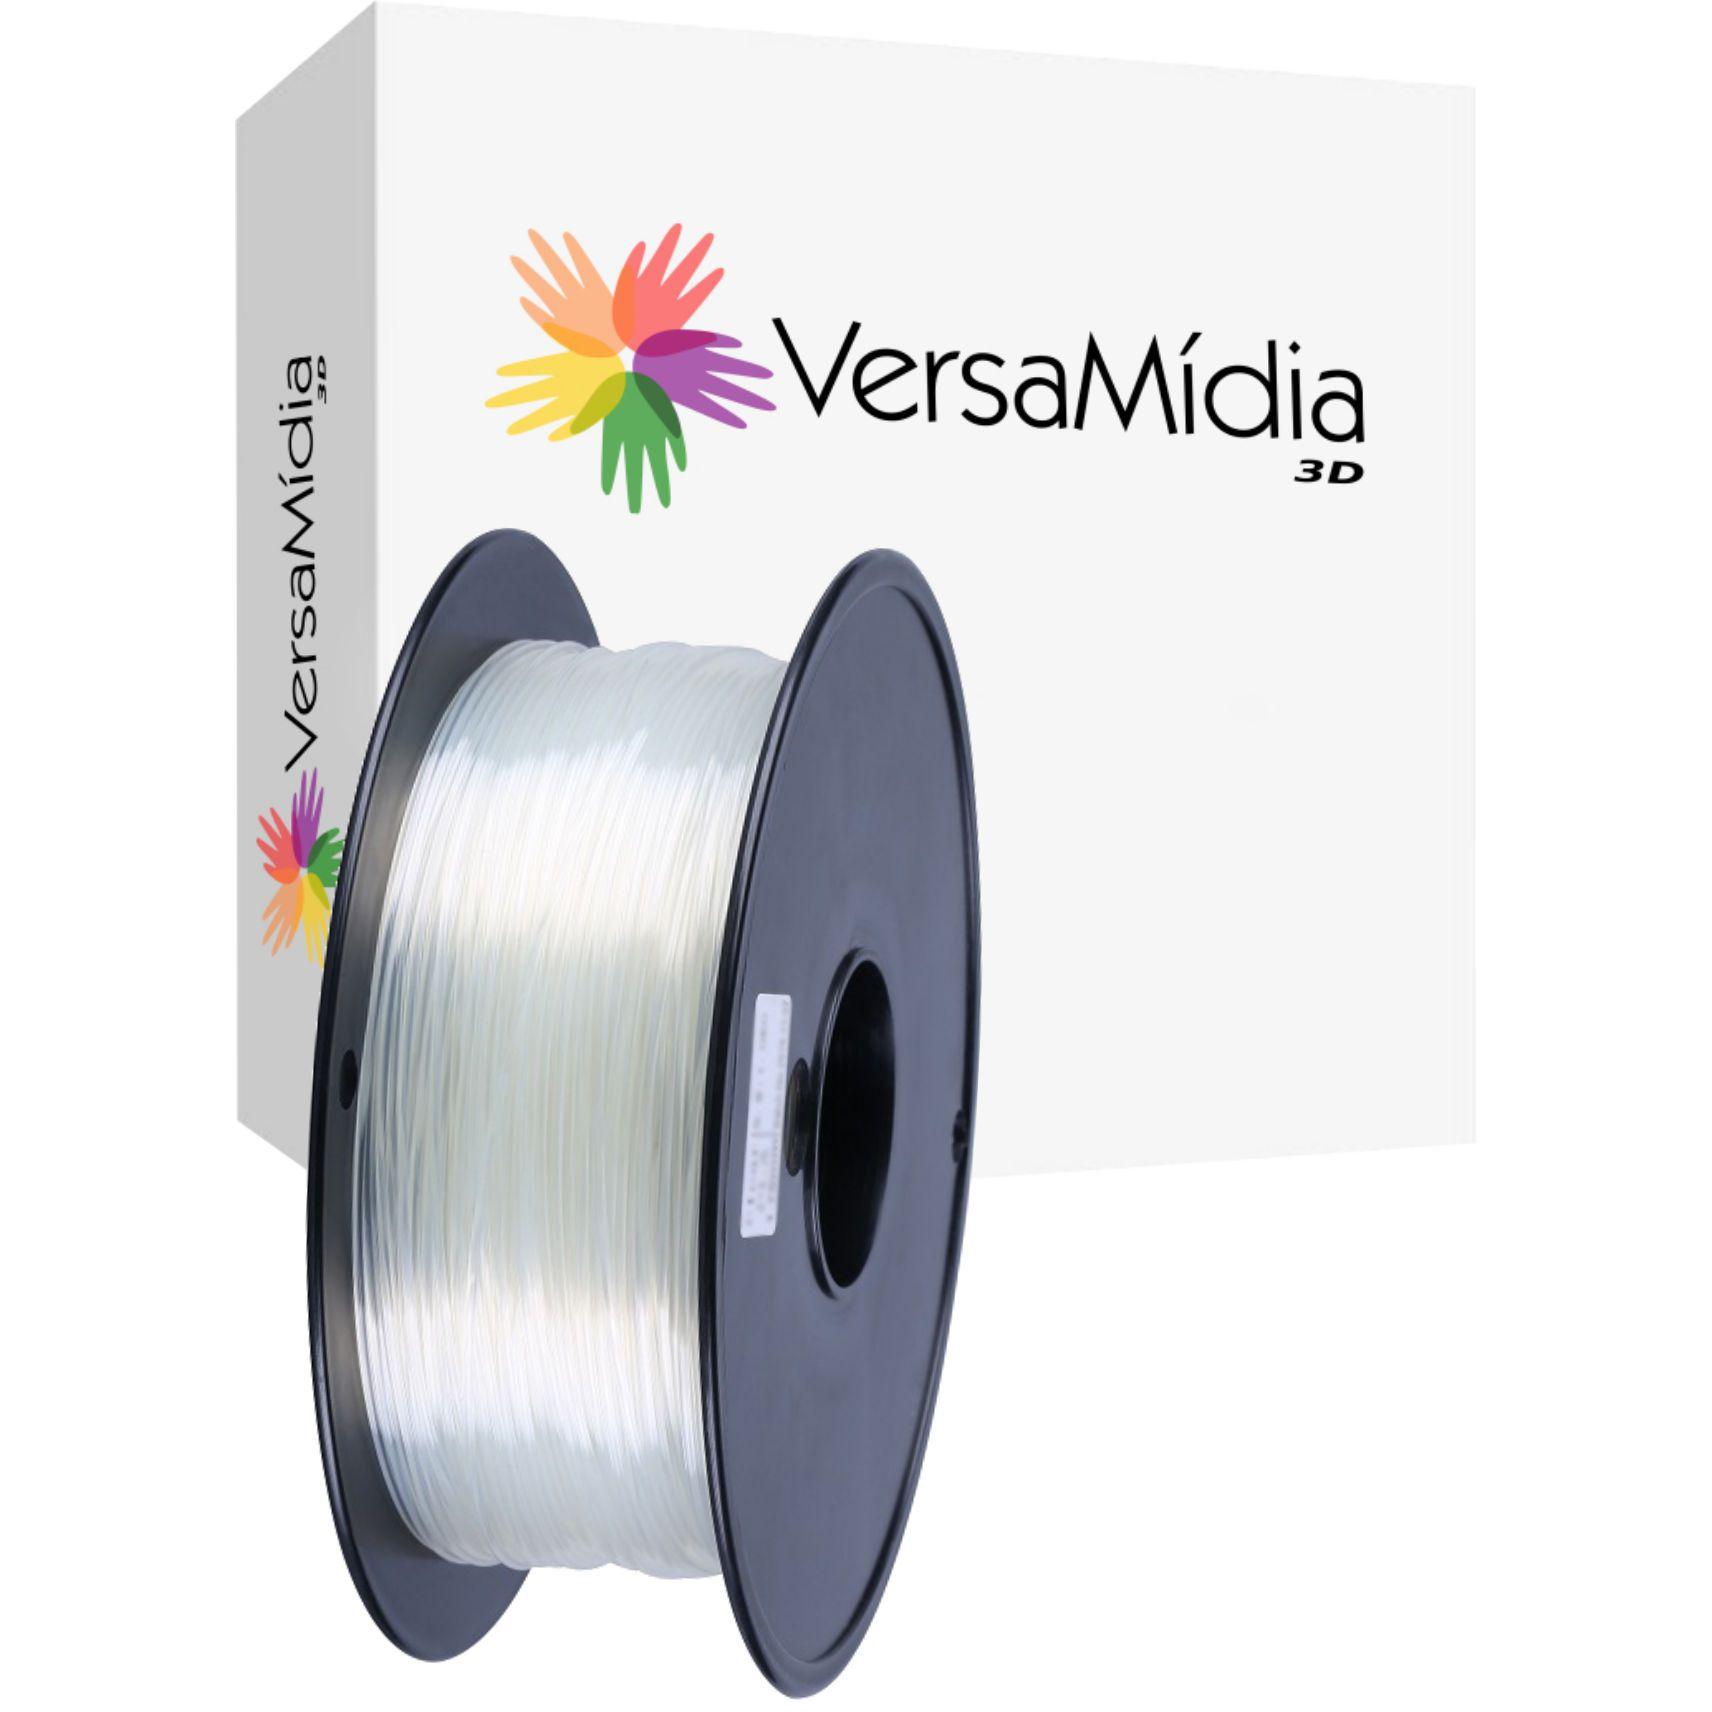 Filamento PETG + Policarbonato ( P-GLASS) Alta Transparência  1.75mm 0.8Kg Bobina Black Spool  Impressão 3D - 11516